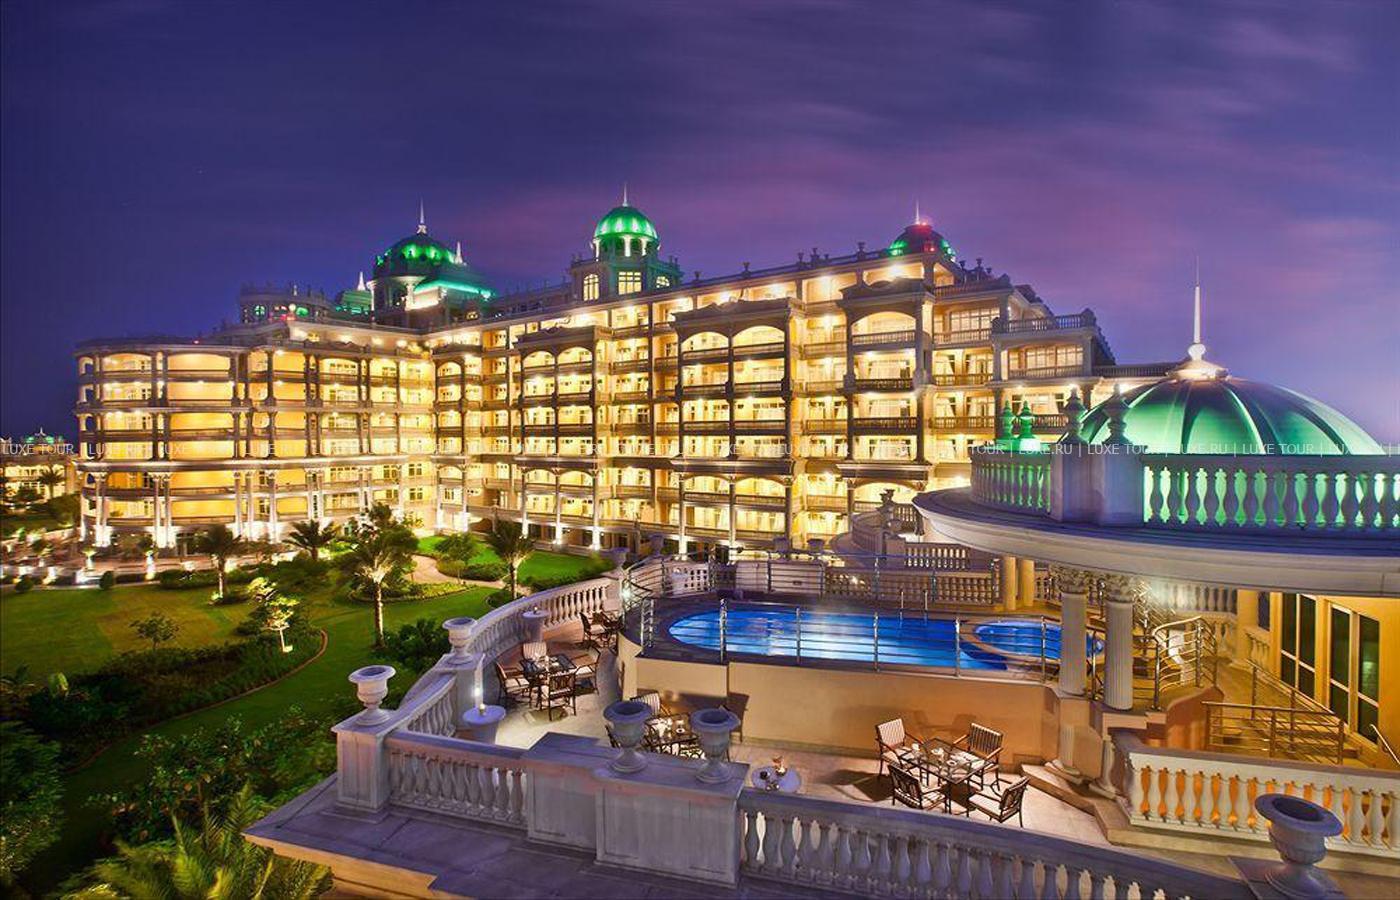 Доставка цветов оаэ отель madinat jumeirah комнатные цветы купить харьков форум